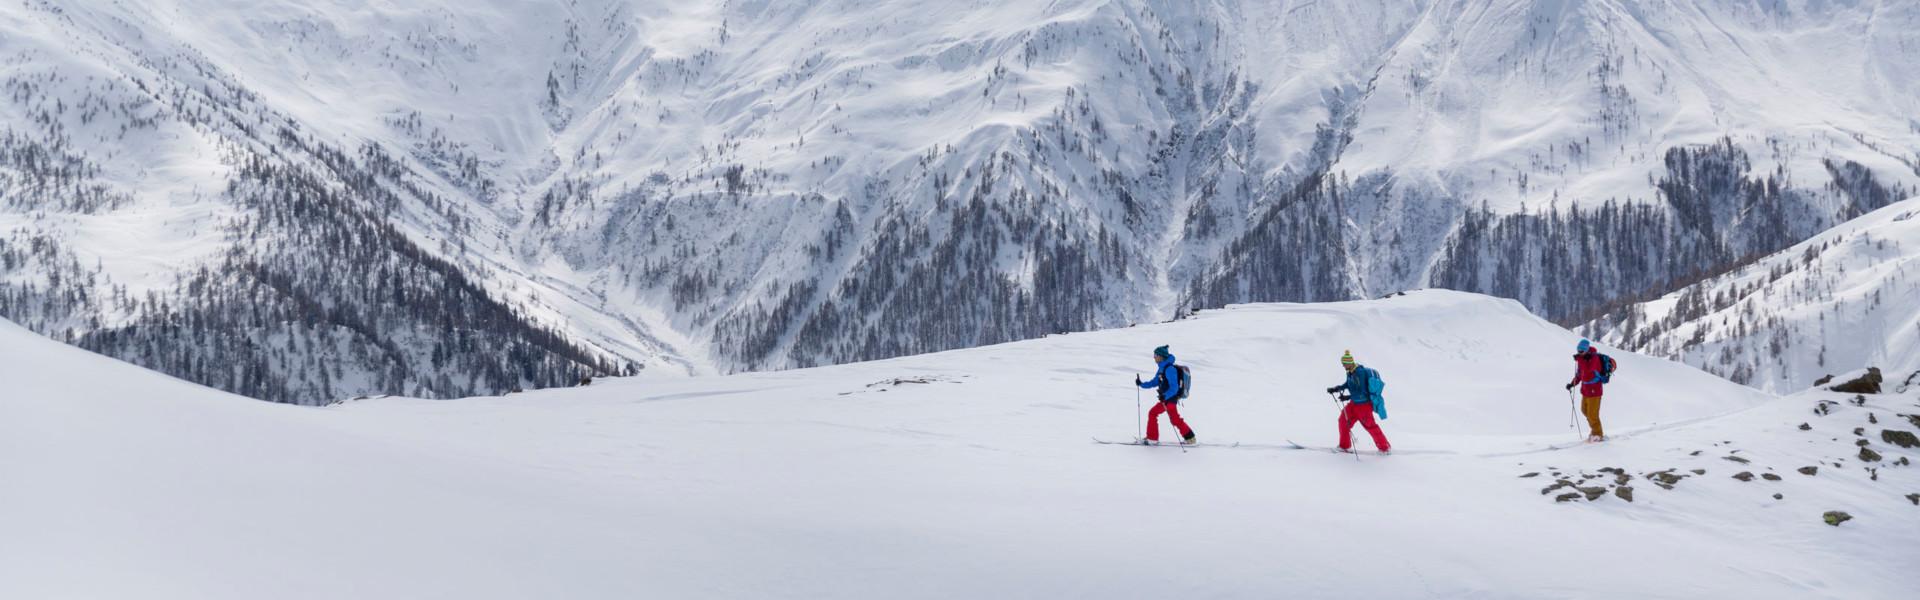 Freizeit - Winter - Skitouren